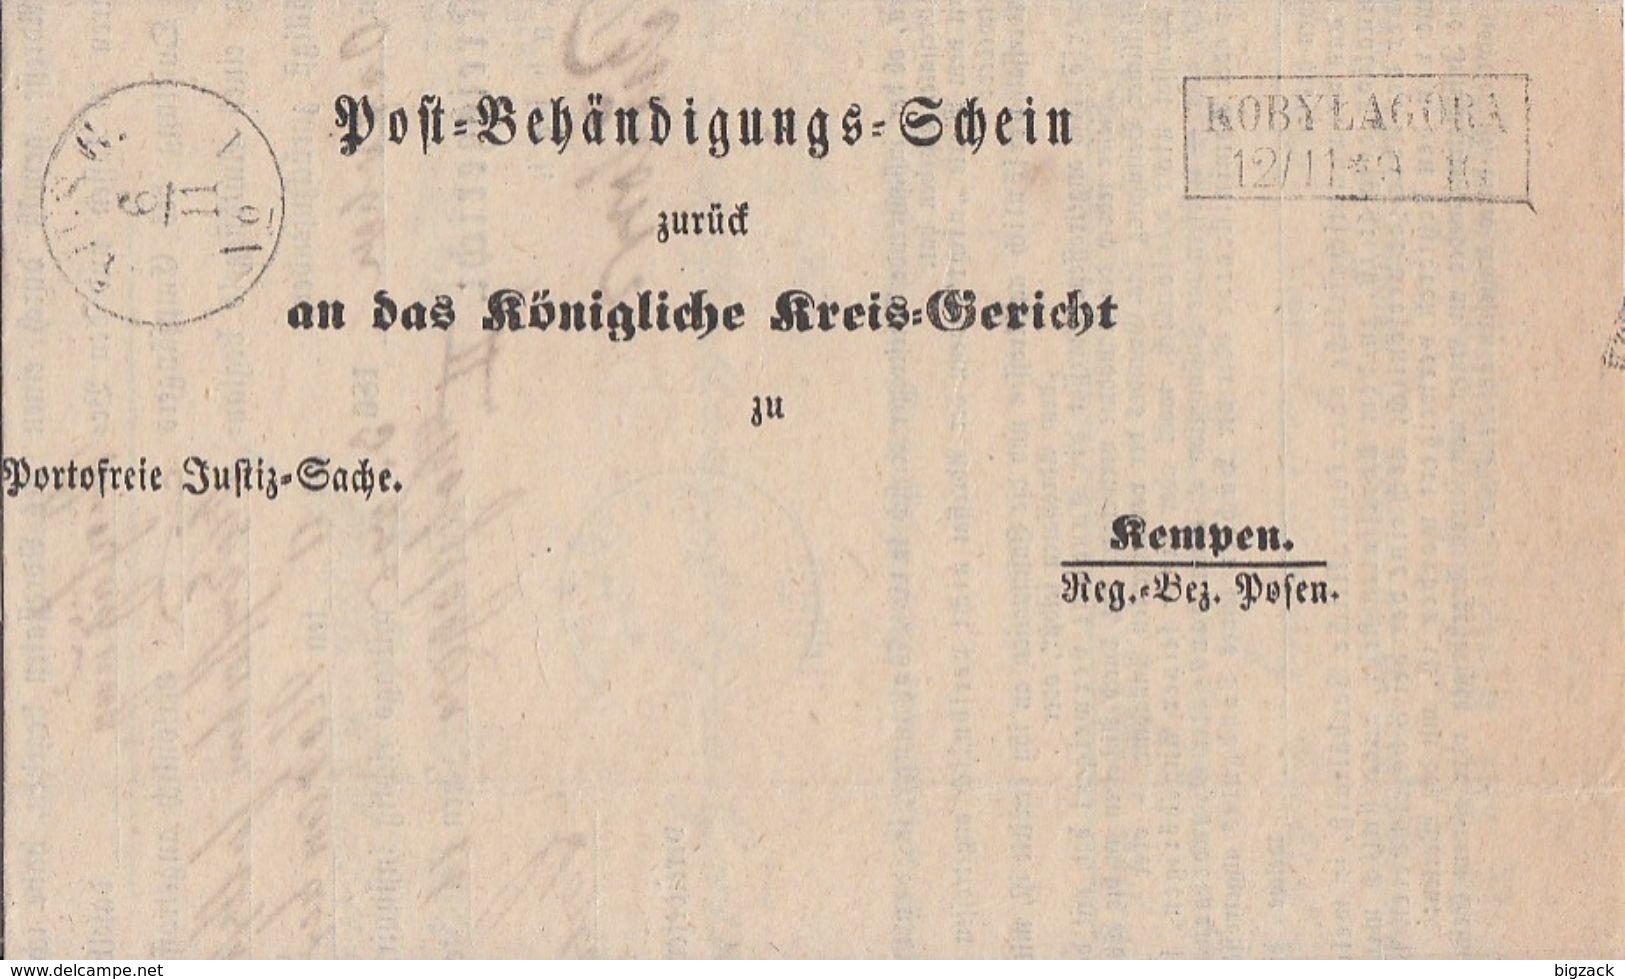 Preussen Post-Behändigungs-Schein R2 Kobylagora 12.11 Gel. Nach Kempen Reg. Bez. Posen - Preussen